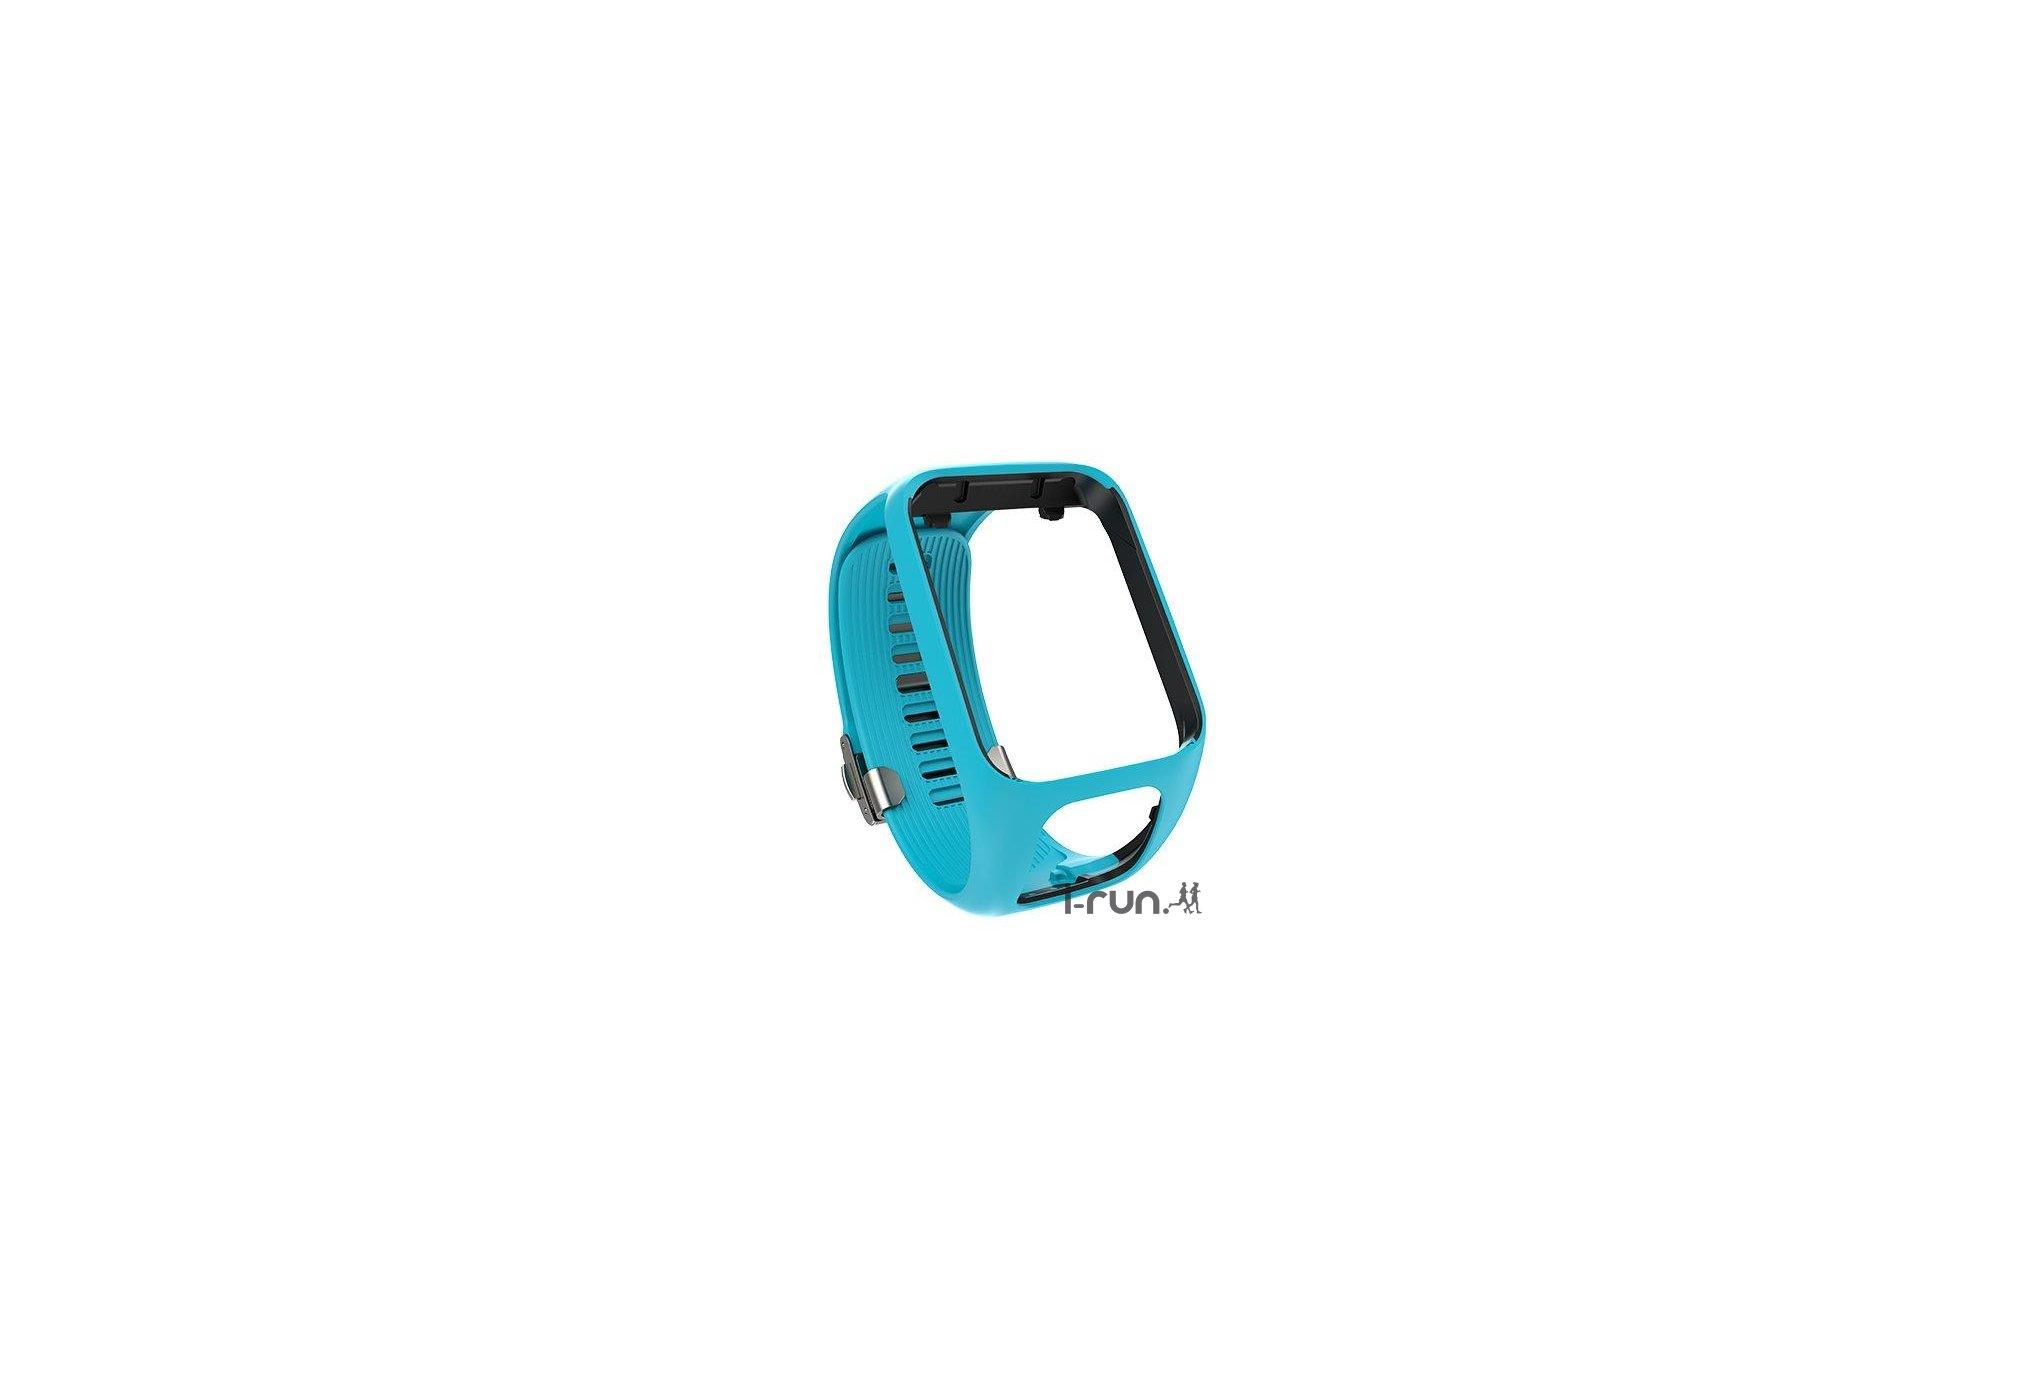 Tomtom Bracelet montre premium - small accessoires montres/ bracelets